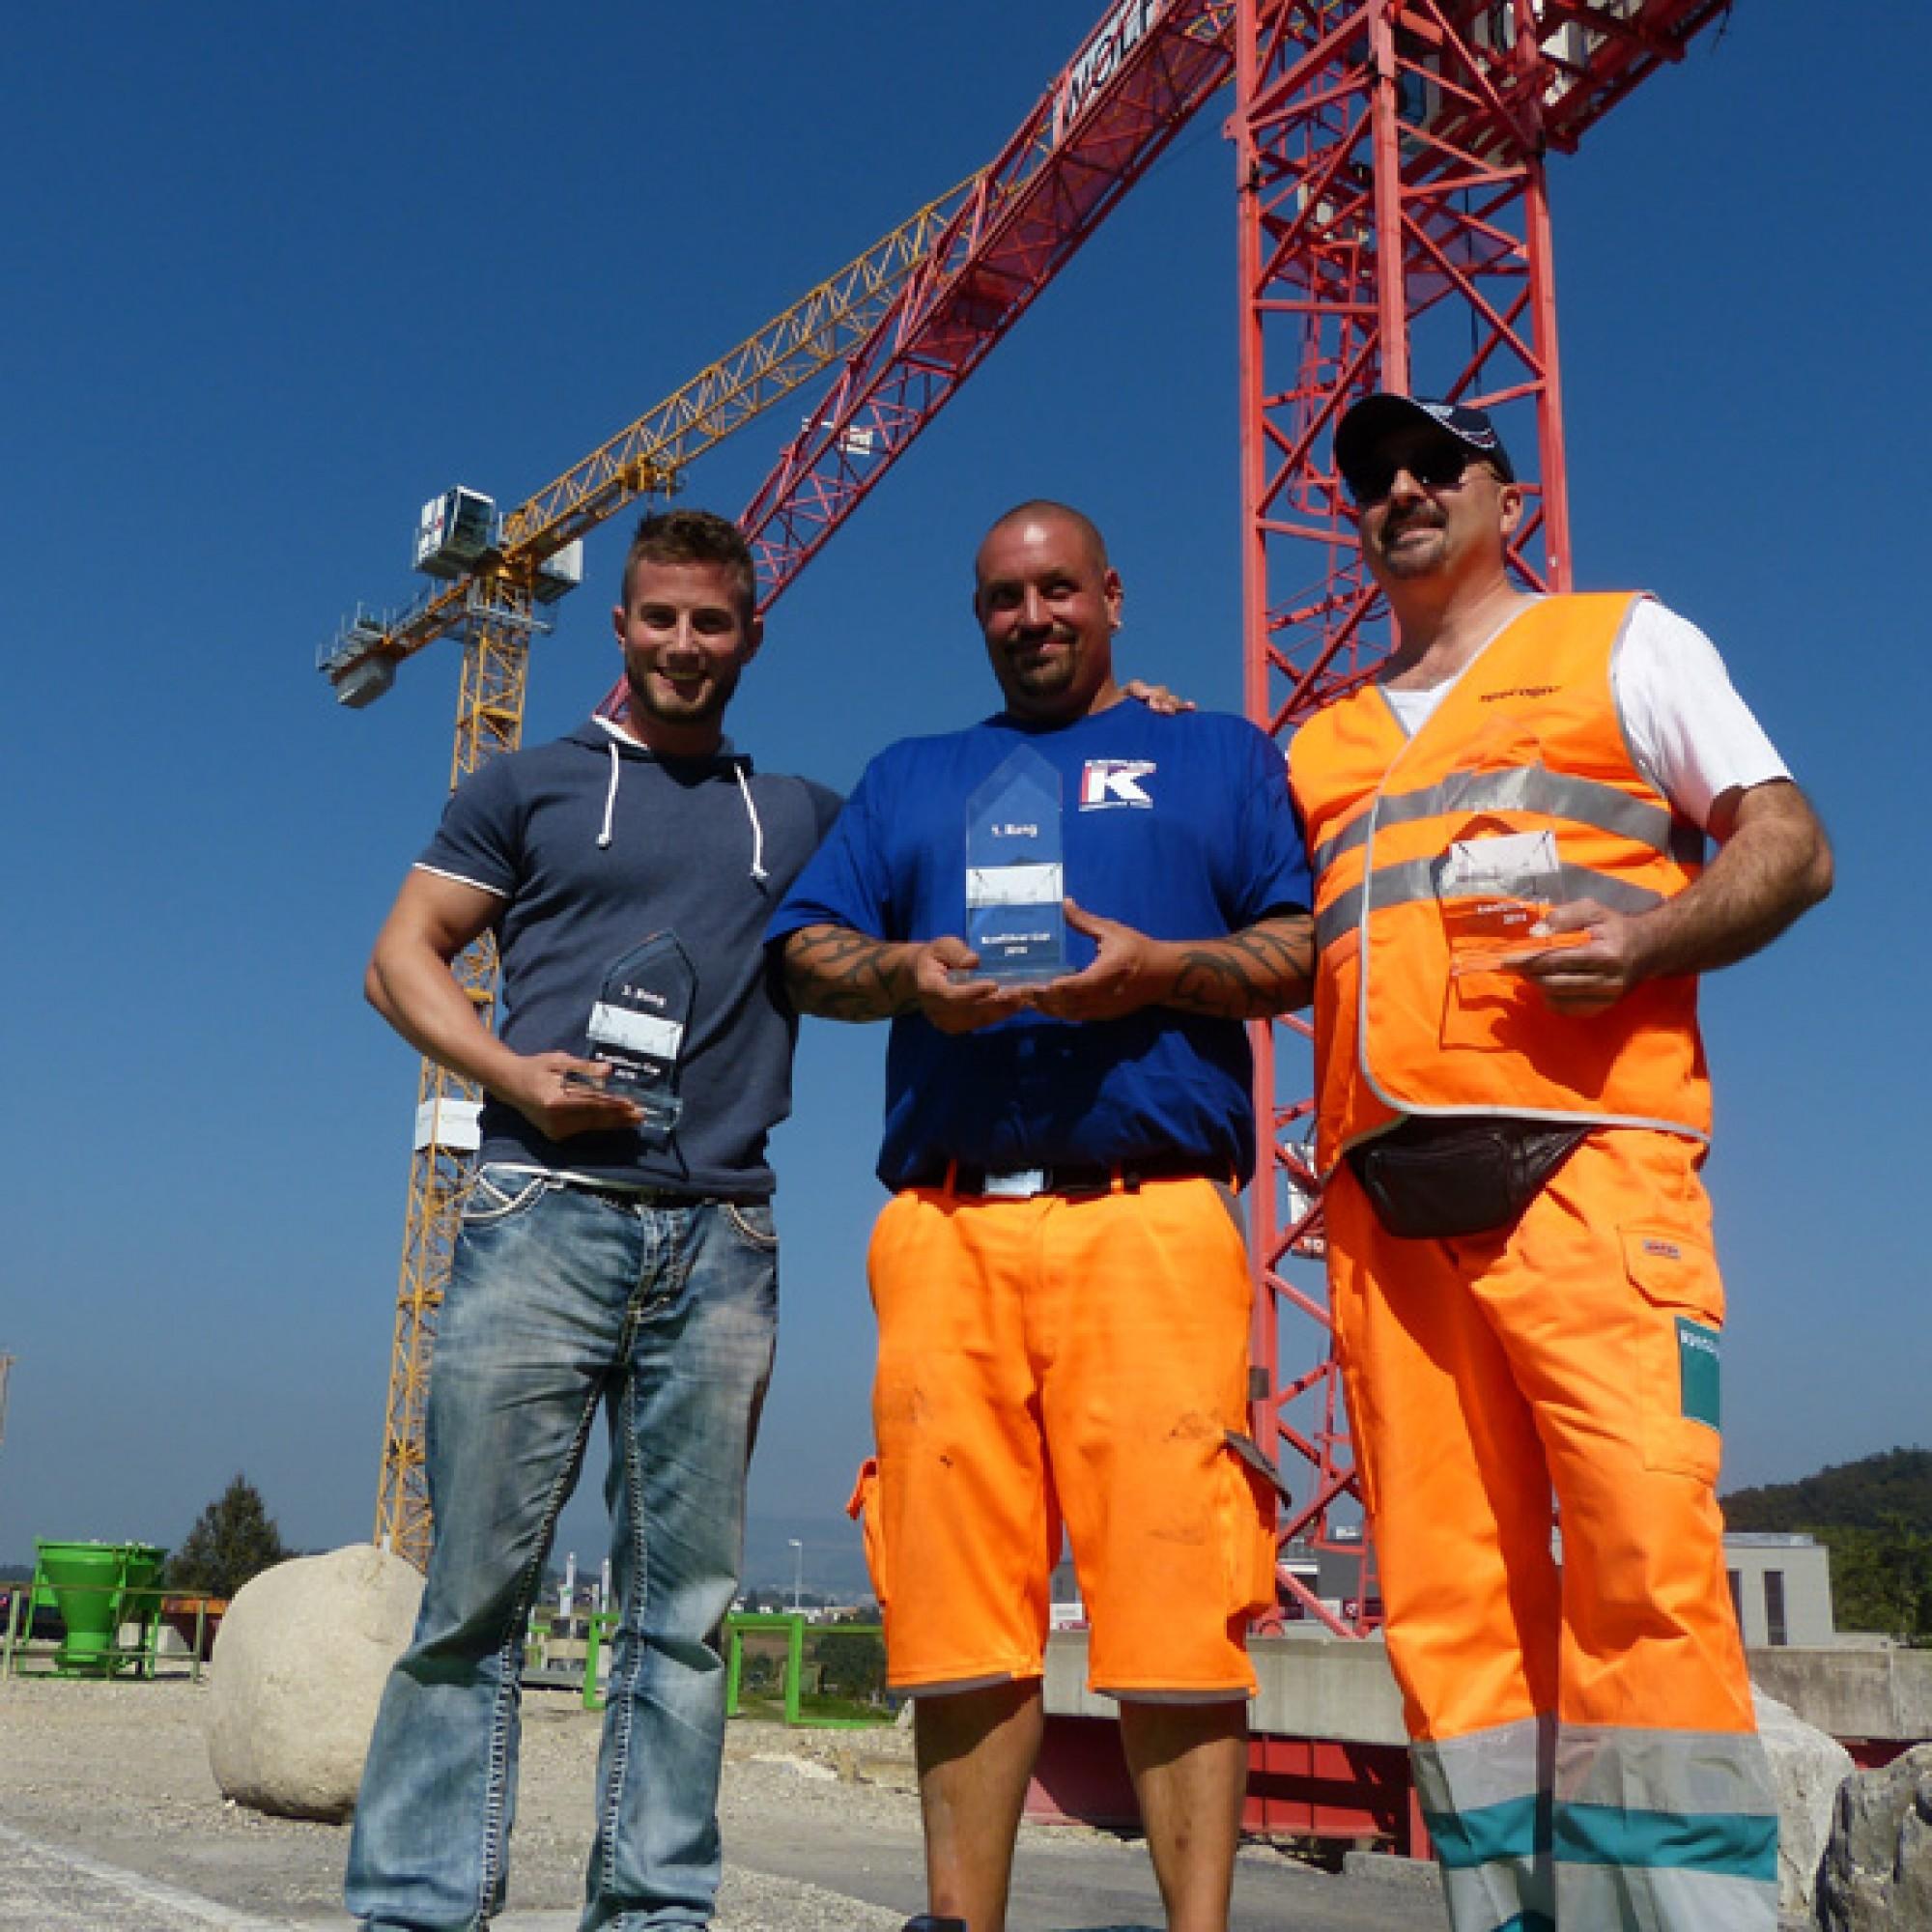 Die Bestplatzierten (v.l.): Martin Weibel (Platz 3), Thierry Oswald (Platz 1) und Enrico De Blasio (Platz 2). (Bilder zvg)